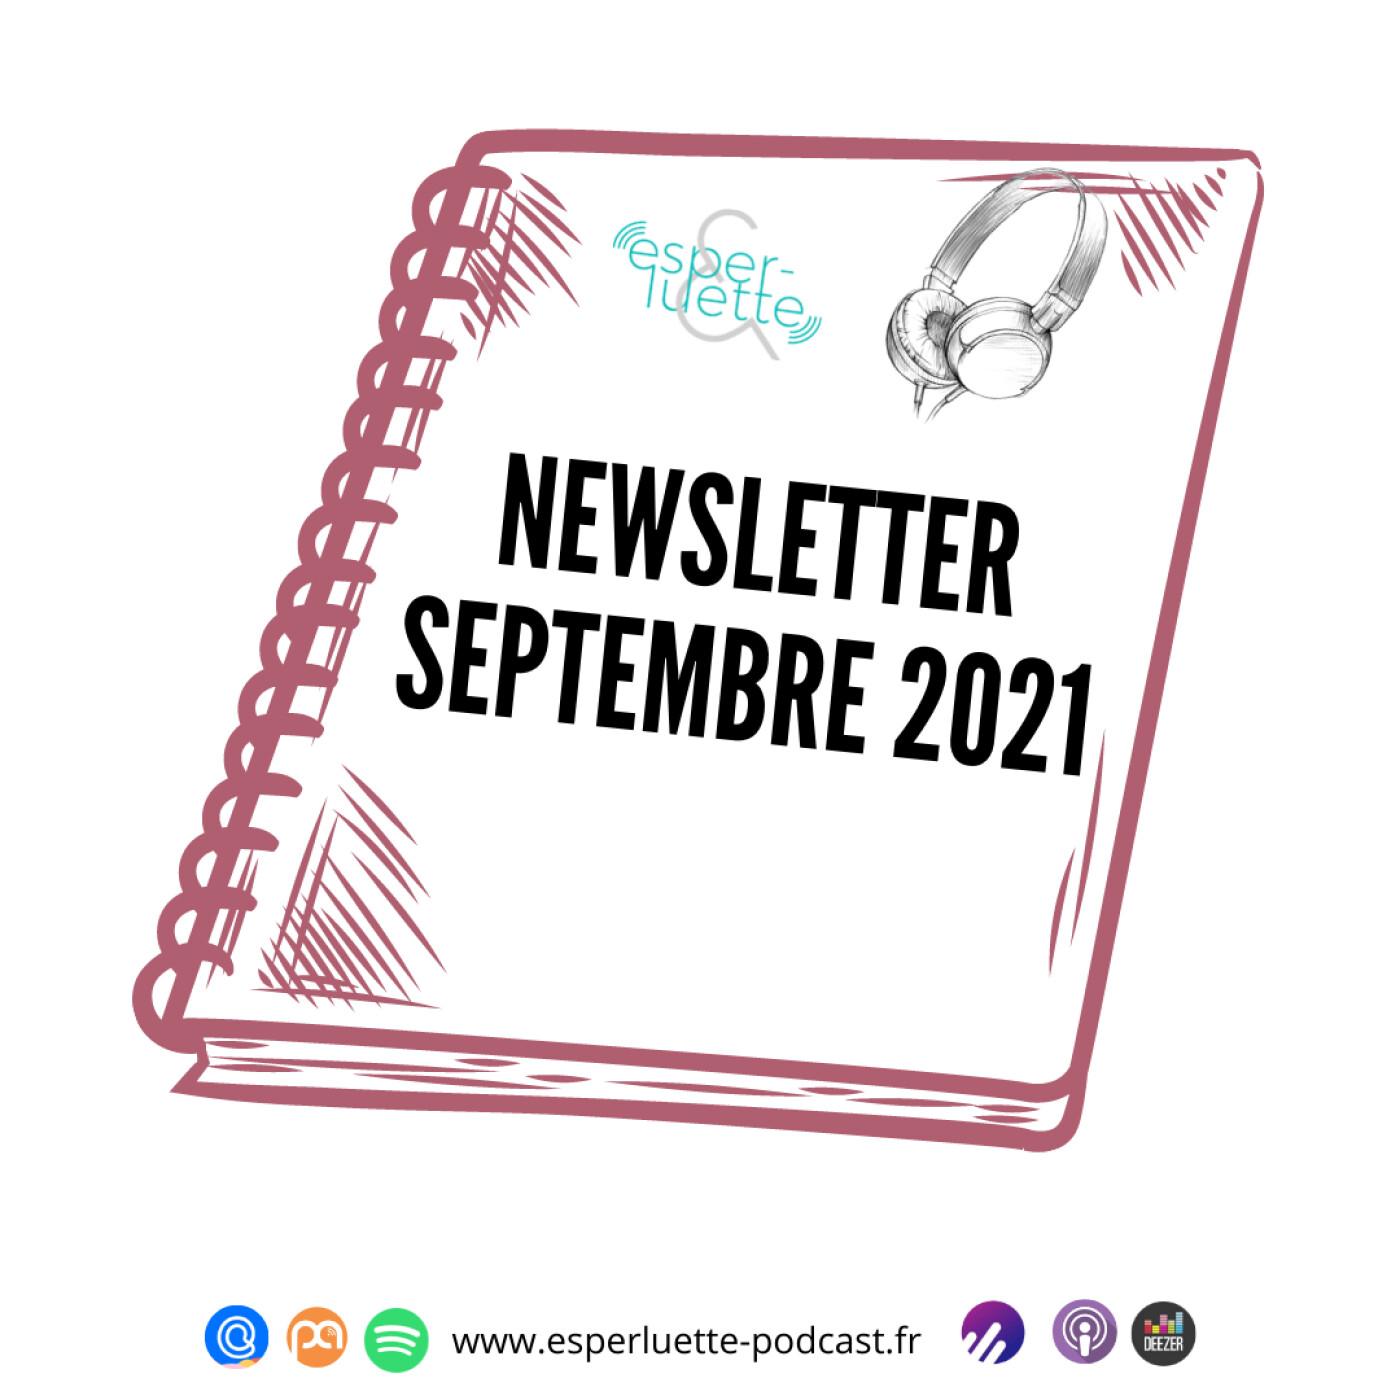 Esperluette – Newsletter Septembre 2021